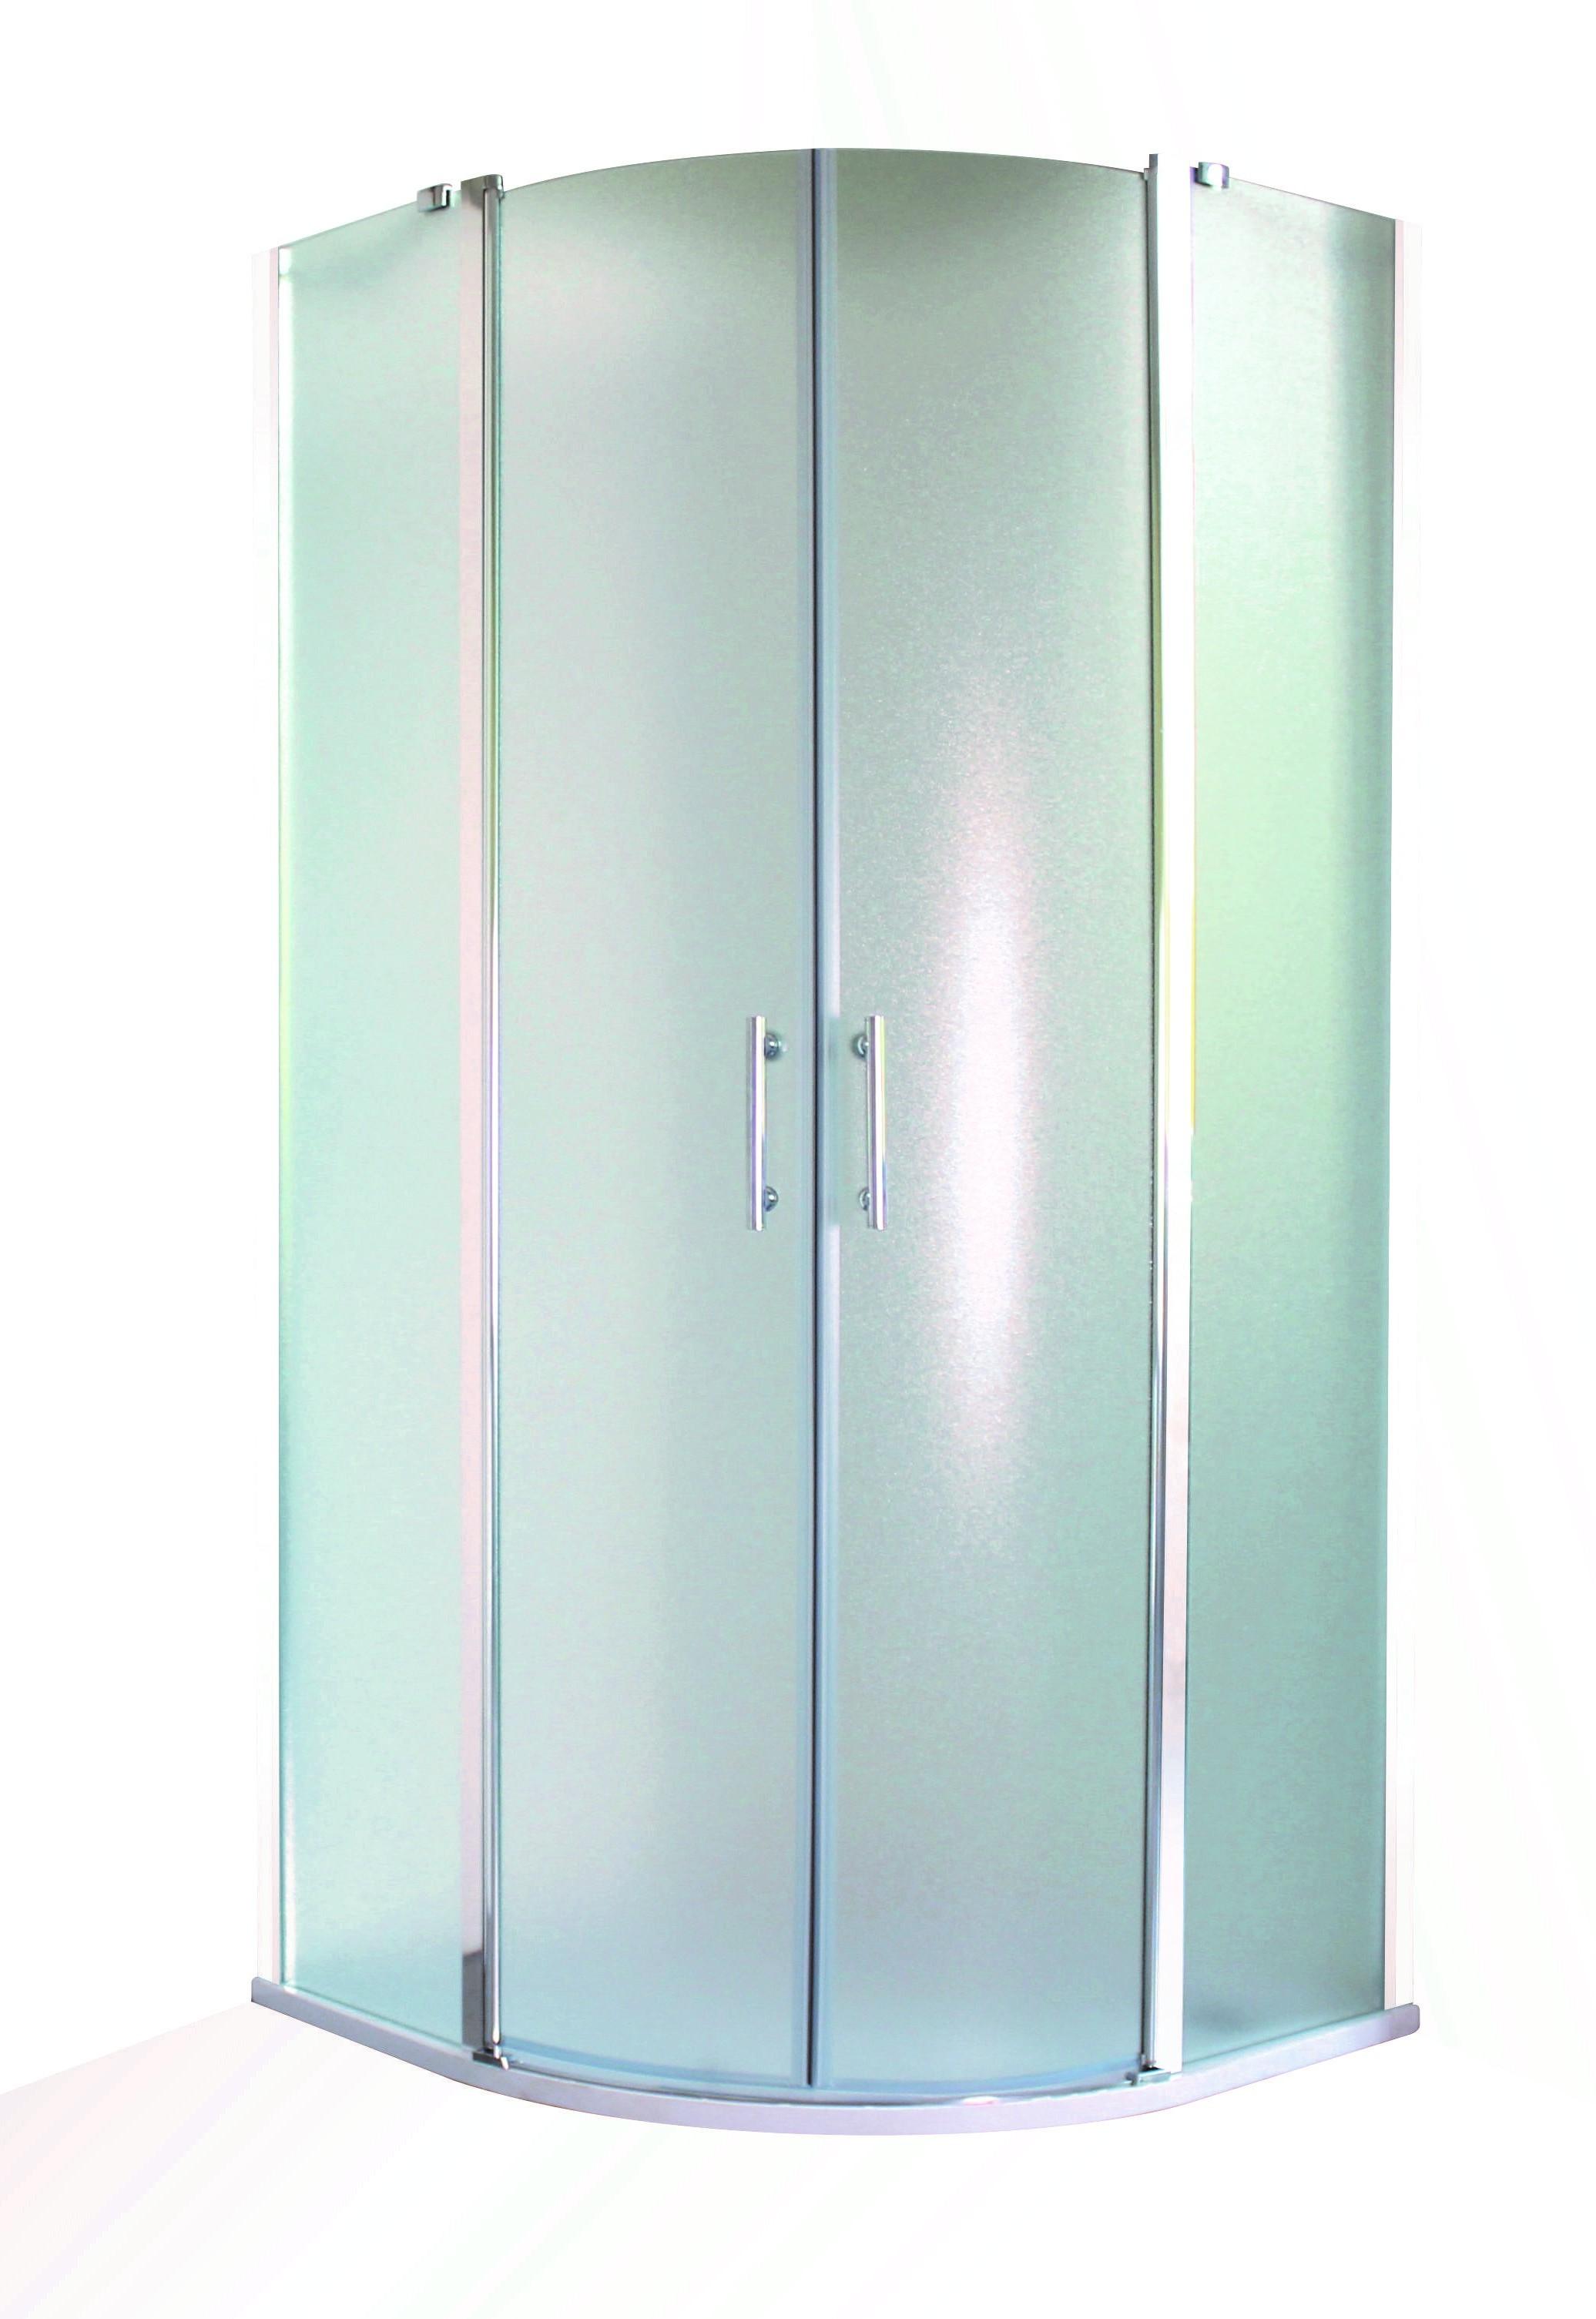 HOPA - Sprchový kout LEIDA - Barva rámu zástěny - Hliník chrom, Hloubka - 90 cm, Provedení - Univerzální, Šíře - 90 cm, Výplň - Čiré bezpečnostní sklo - 6 mm (OLBLEI90CC)